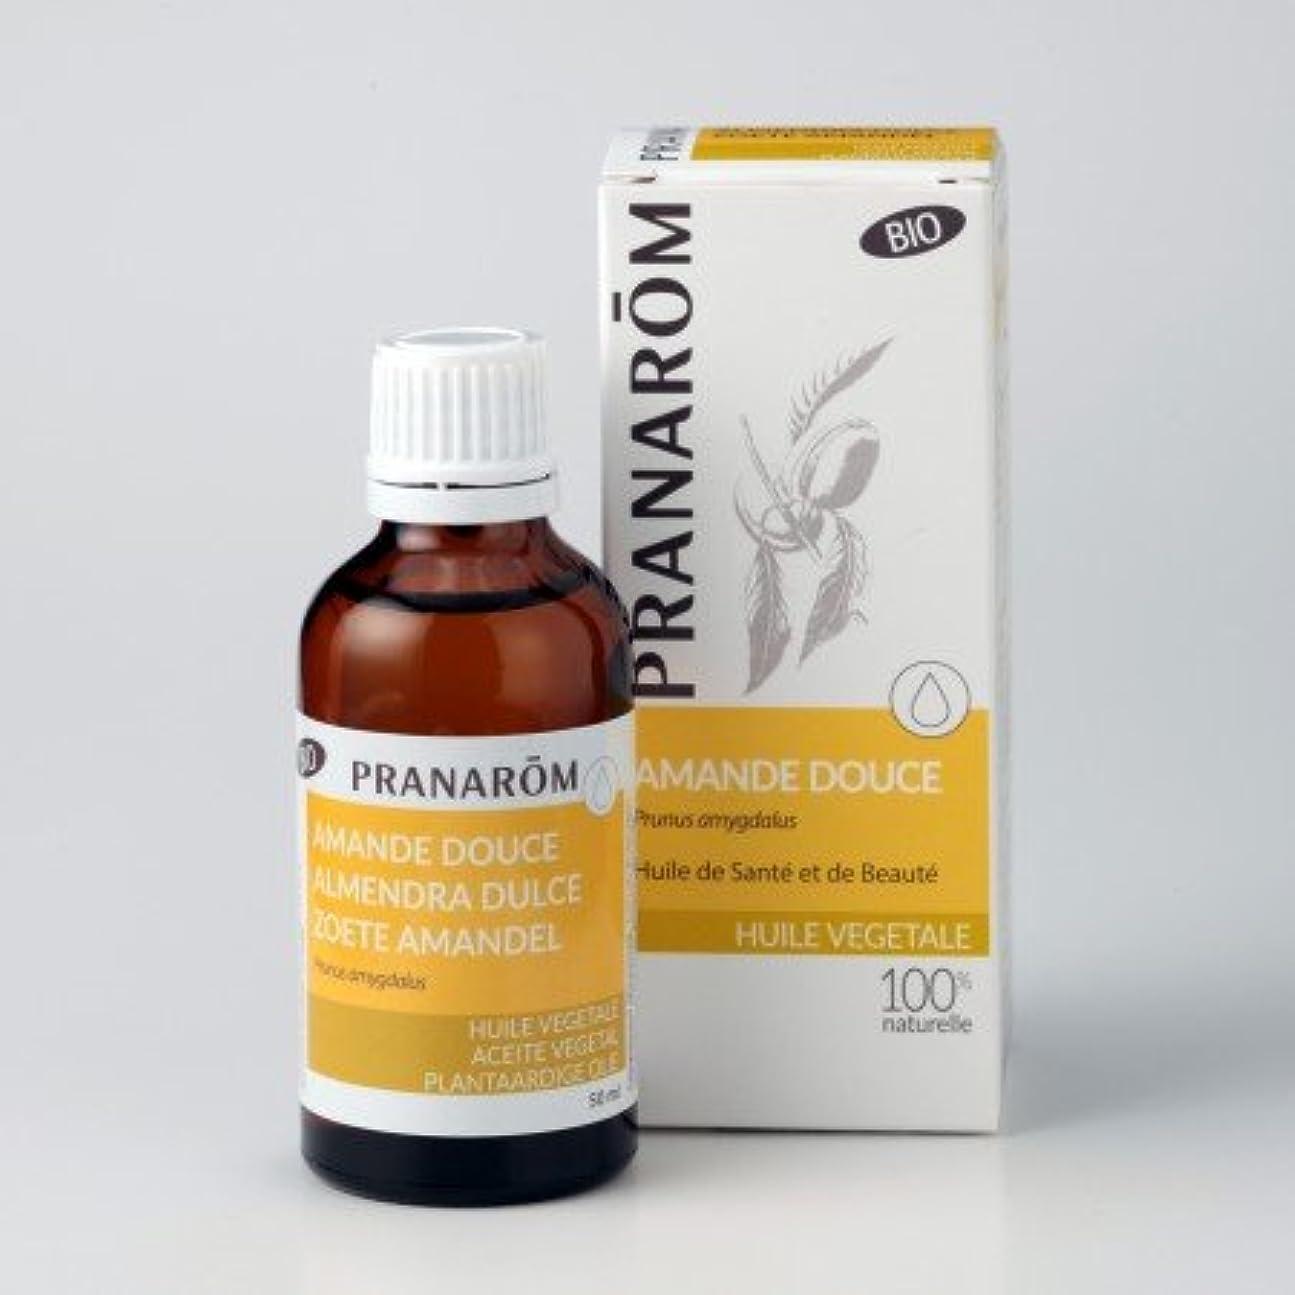 機械的に目に見える苦情文句プラナロム ( PRANAROM ) 植物油 スィートアーモンド油 ( スイートアーモンド油 ) 50ml 12640 スイートアーモンドオイル キャリア...